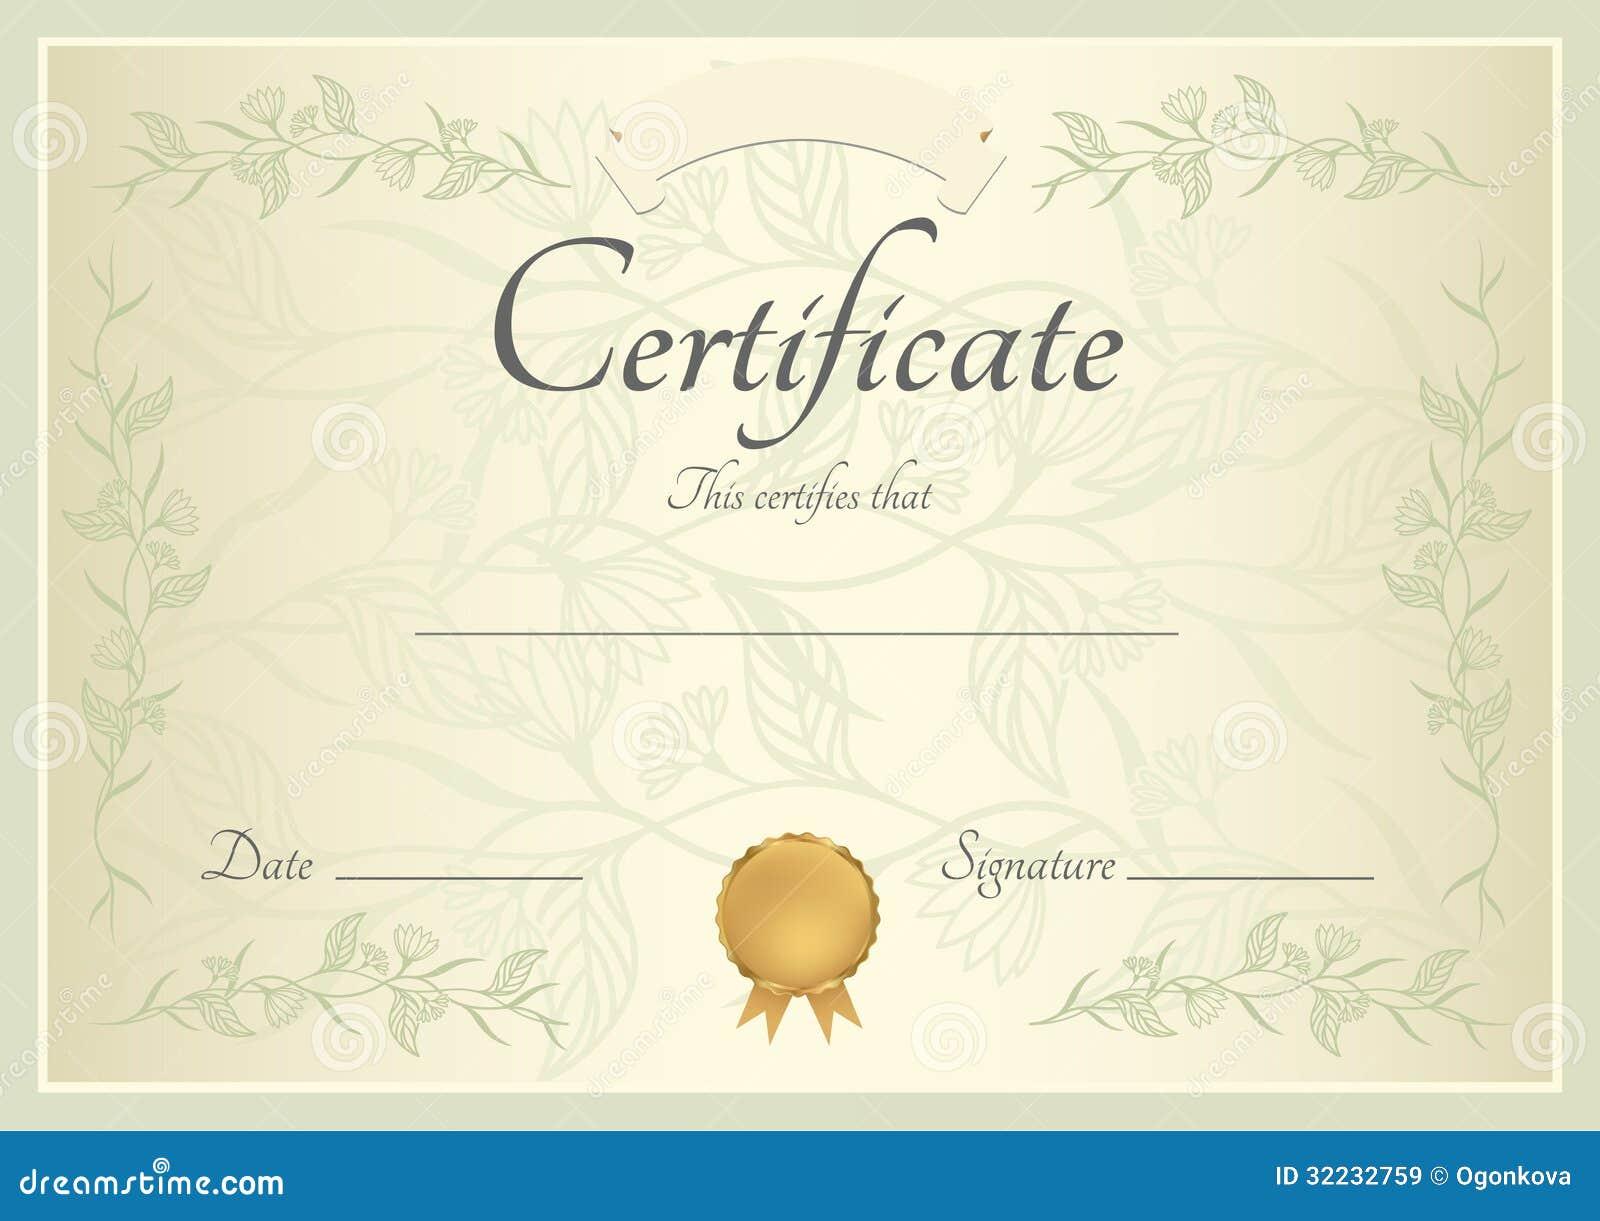 Certificaat diplomaachtergrond malplaatje vector illustratie afbeelding 32232759 - Geloofsbrieven ontwerp ...